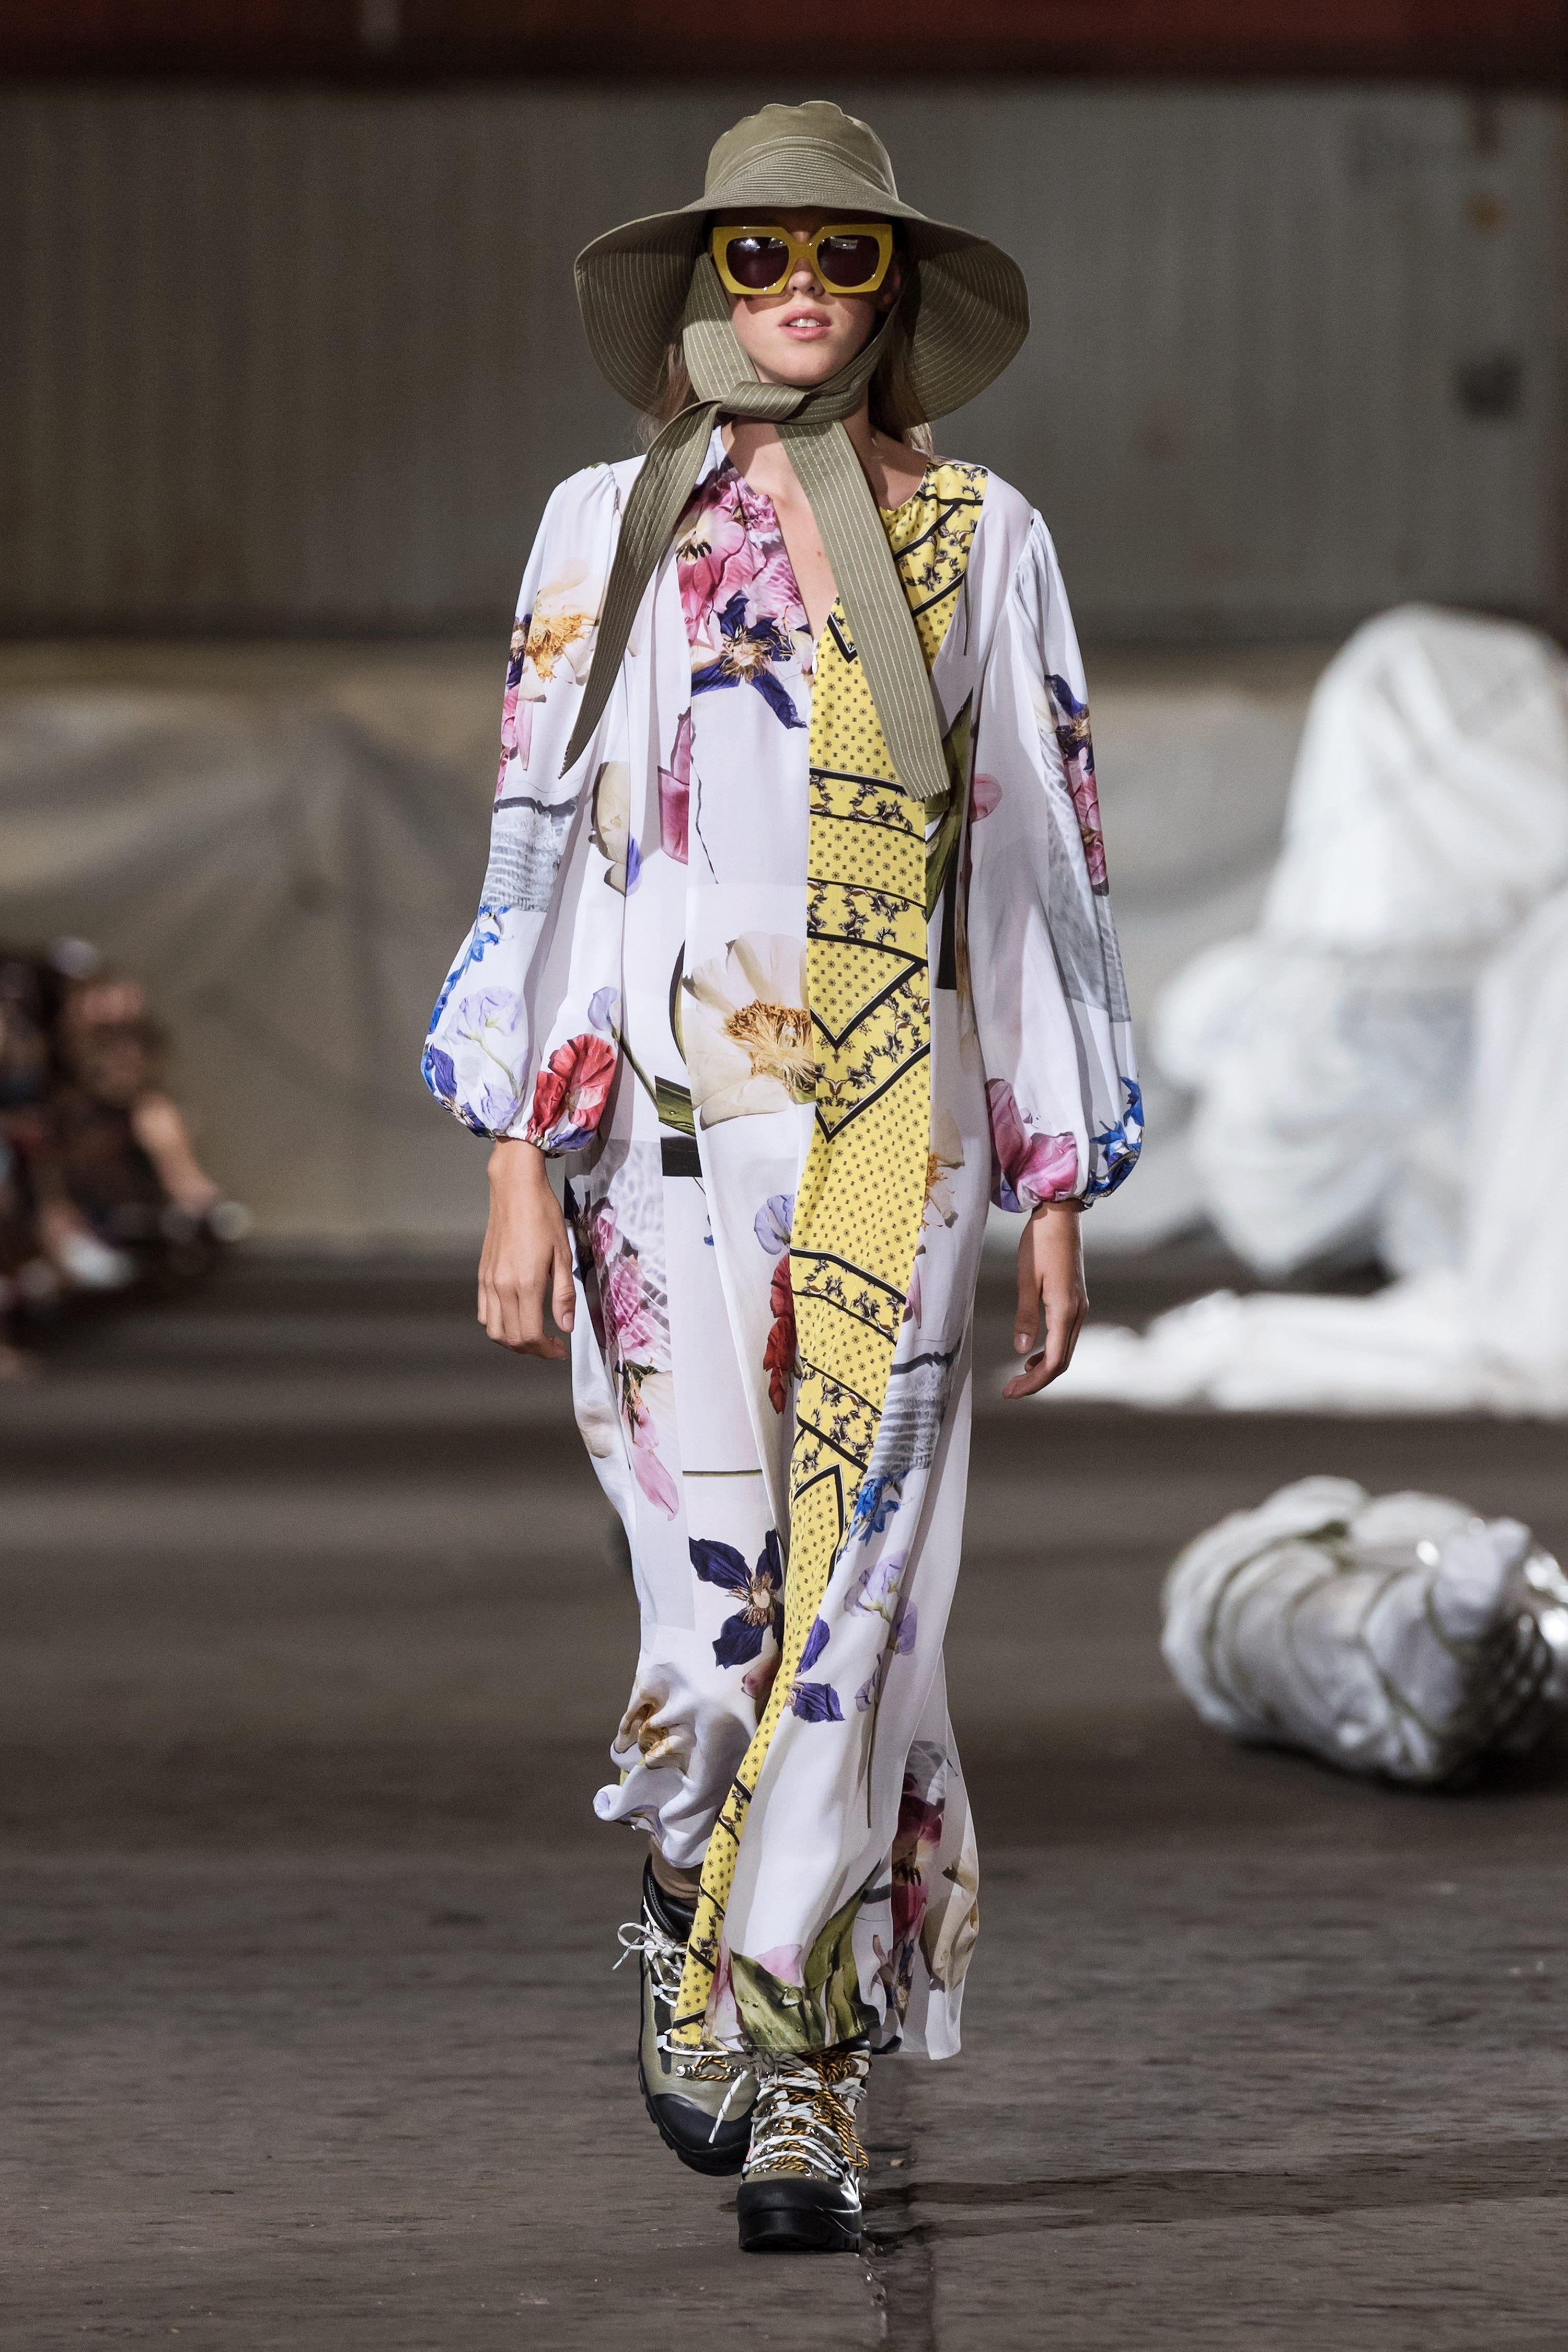 Copenhagen Fashion Week Trends